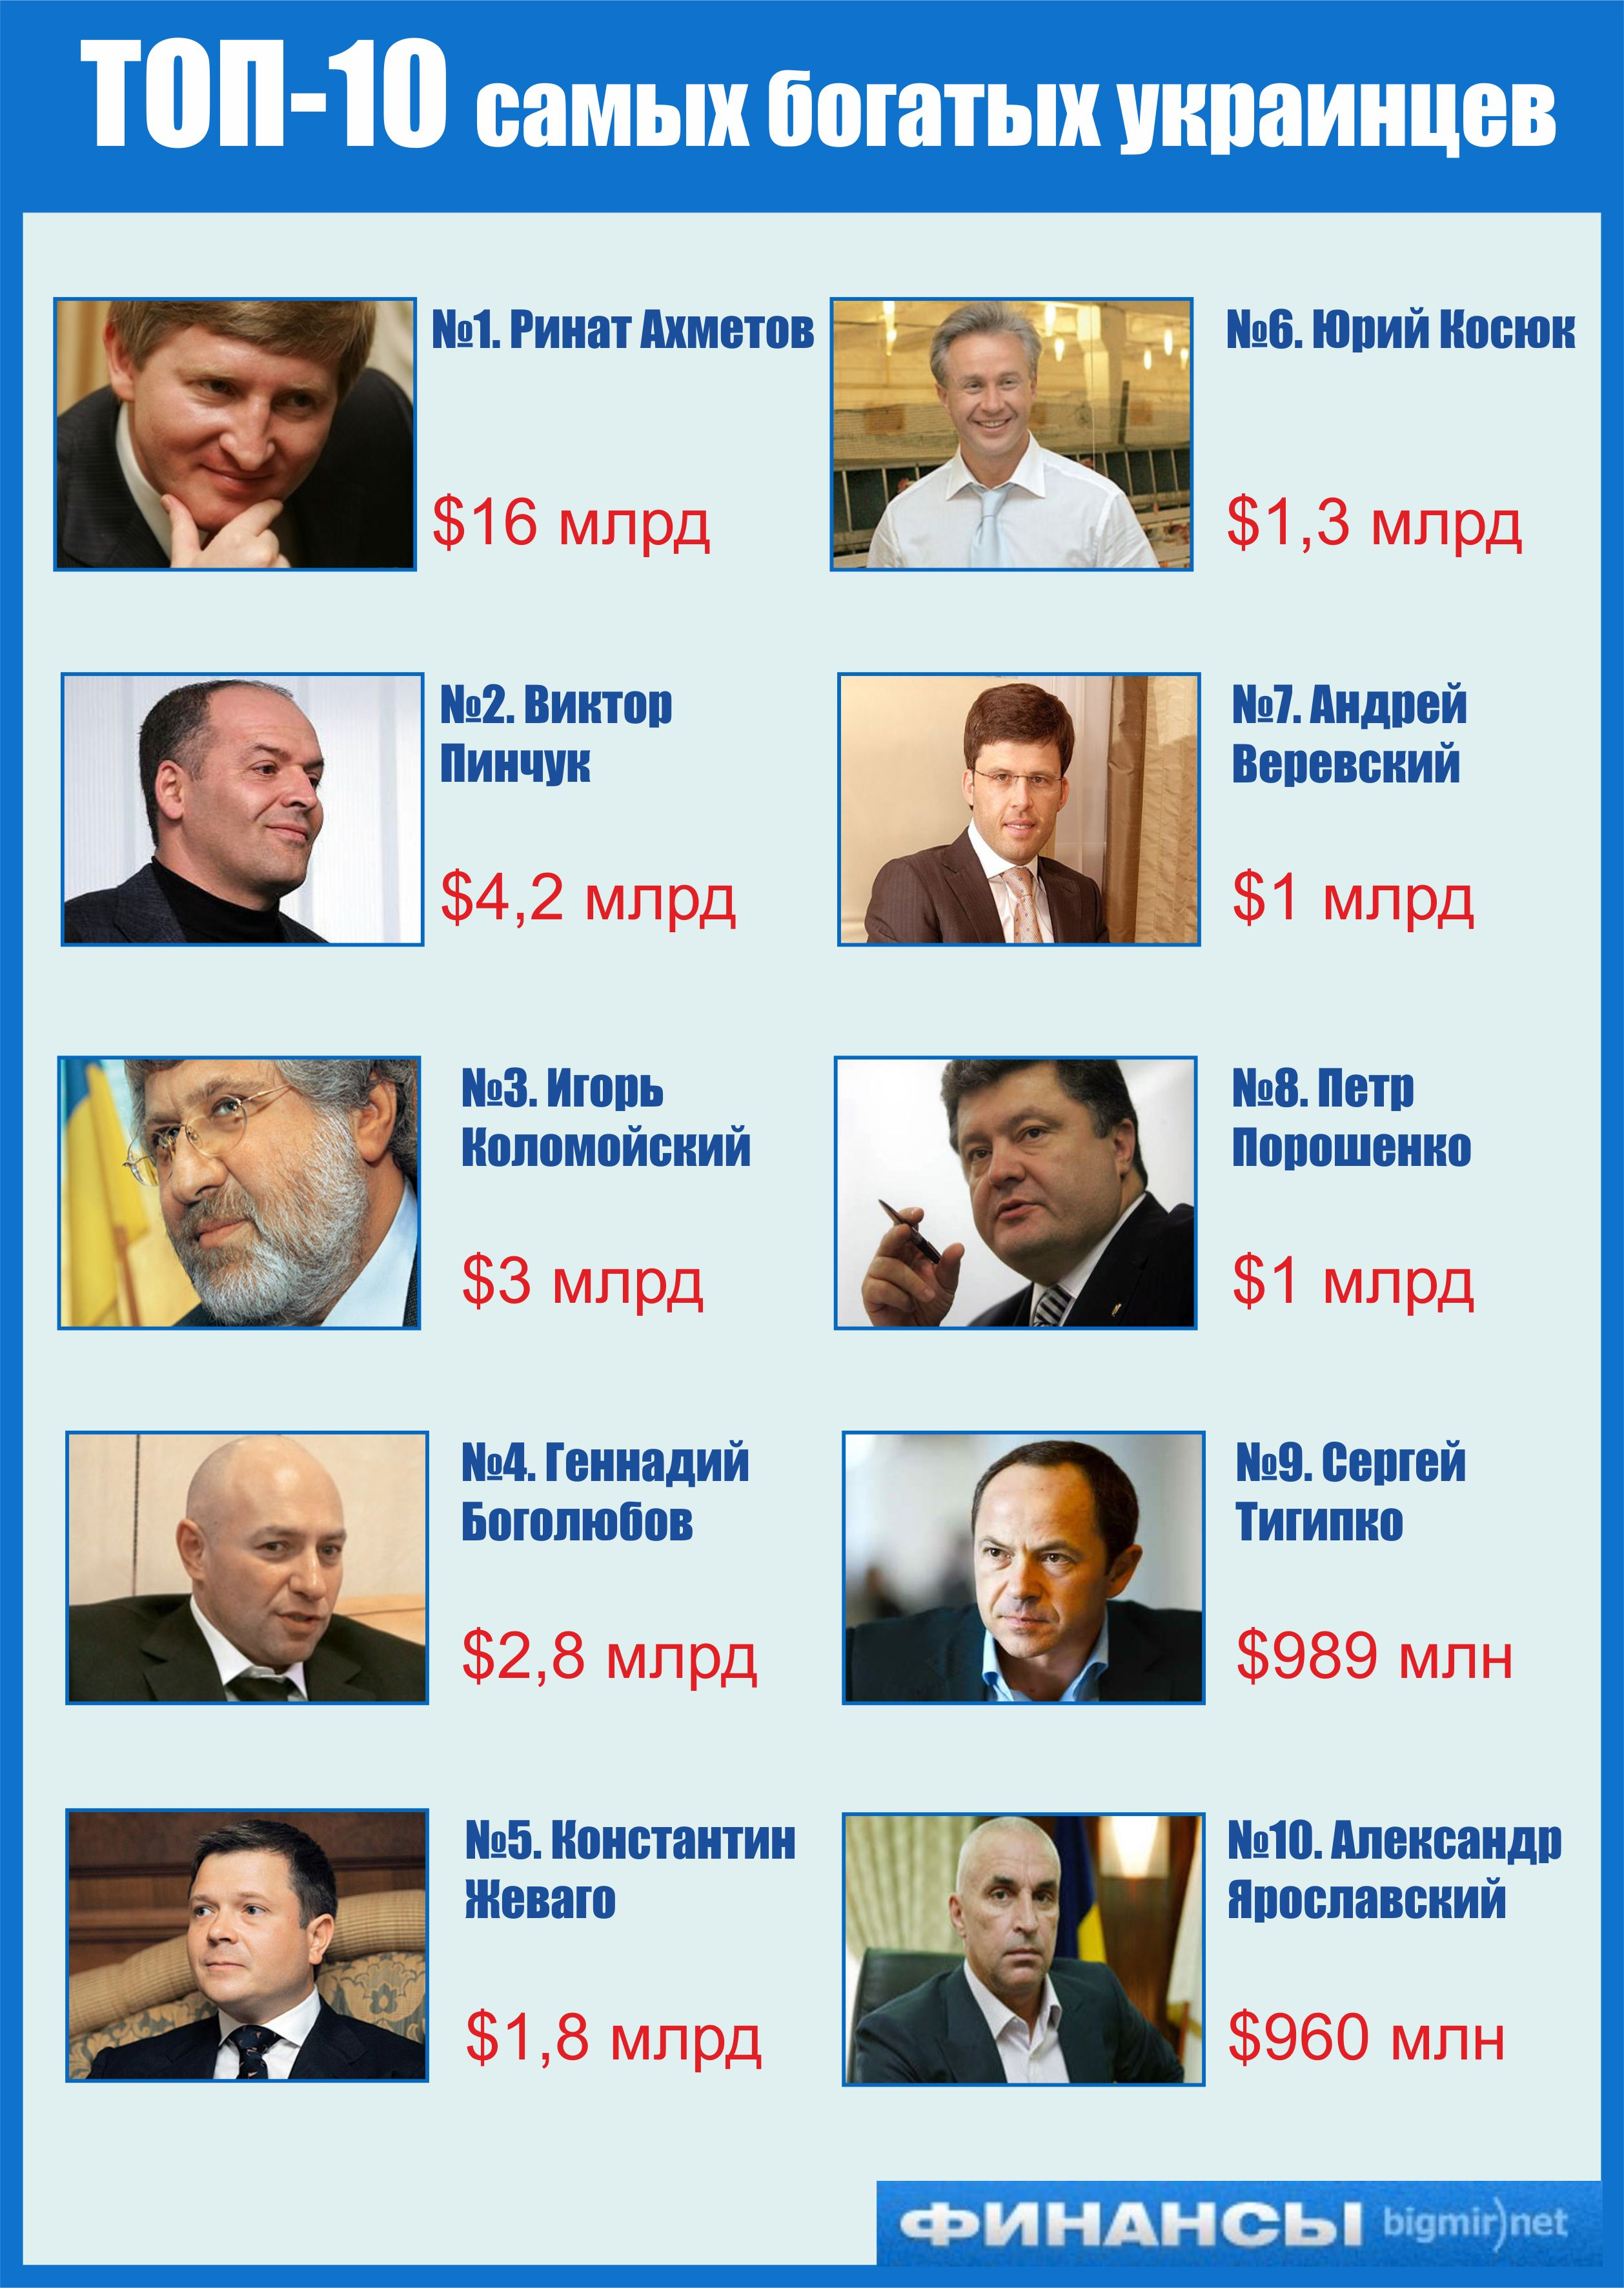 Первая десятка самых богатых украинцев по версии Forbes